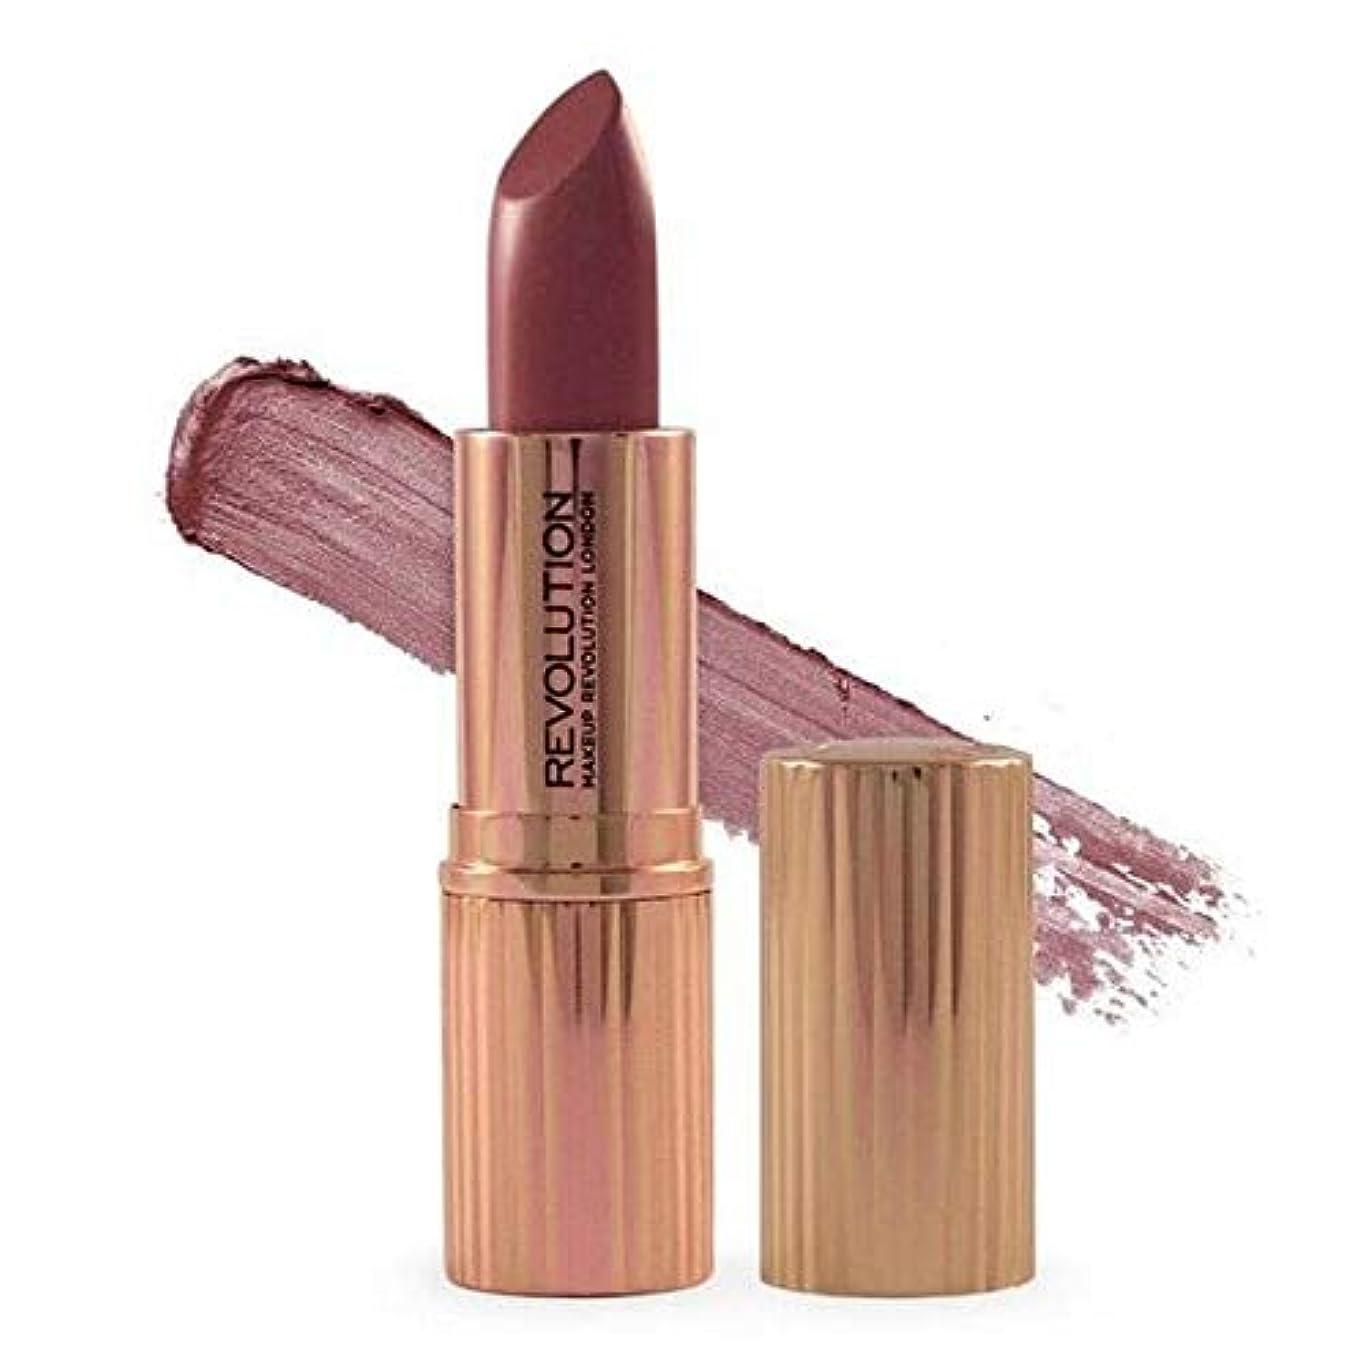 舗装する広告ペンス[Revolution ] 革命のルネサンス口紅更新 - Revolution Renaissance Lipstick Renew [並行輸入品]